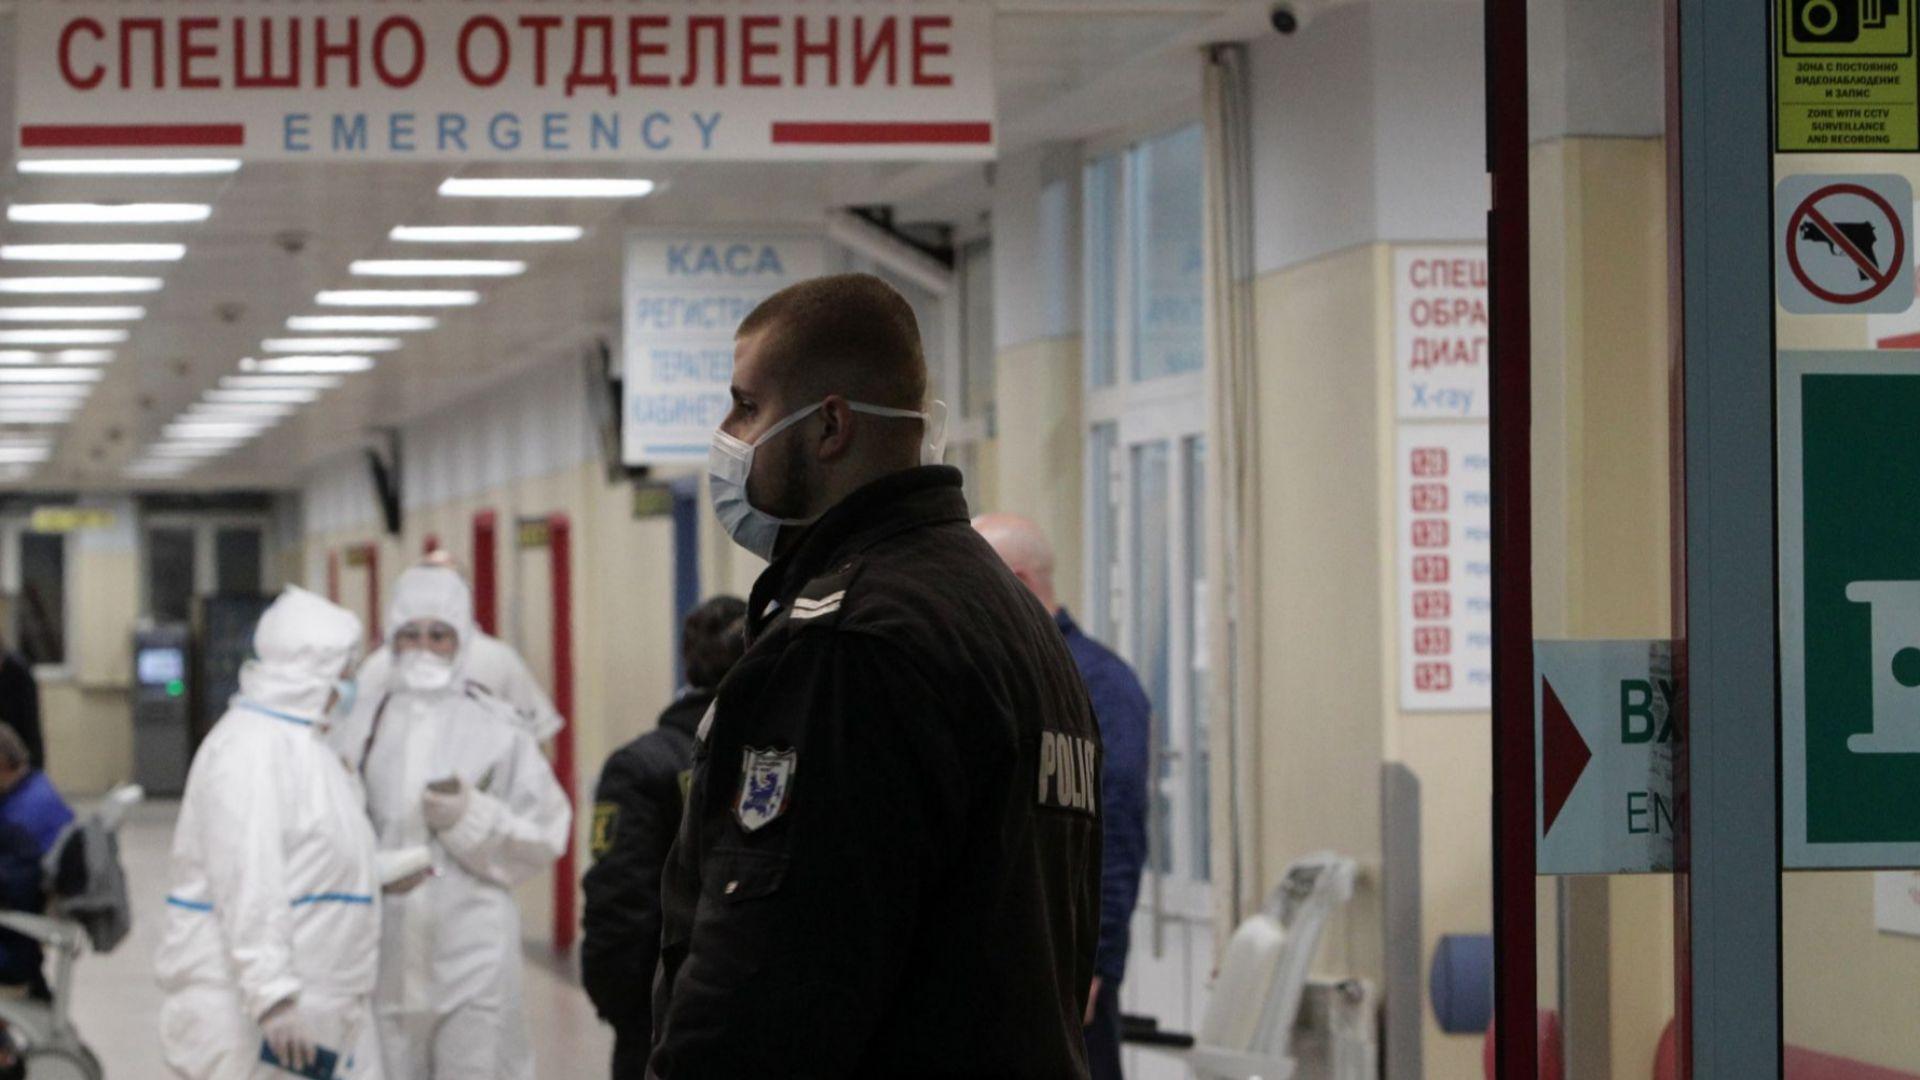 Вирусът взе първа жертва в България, във ВМА лежи седми заразен - лекарка